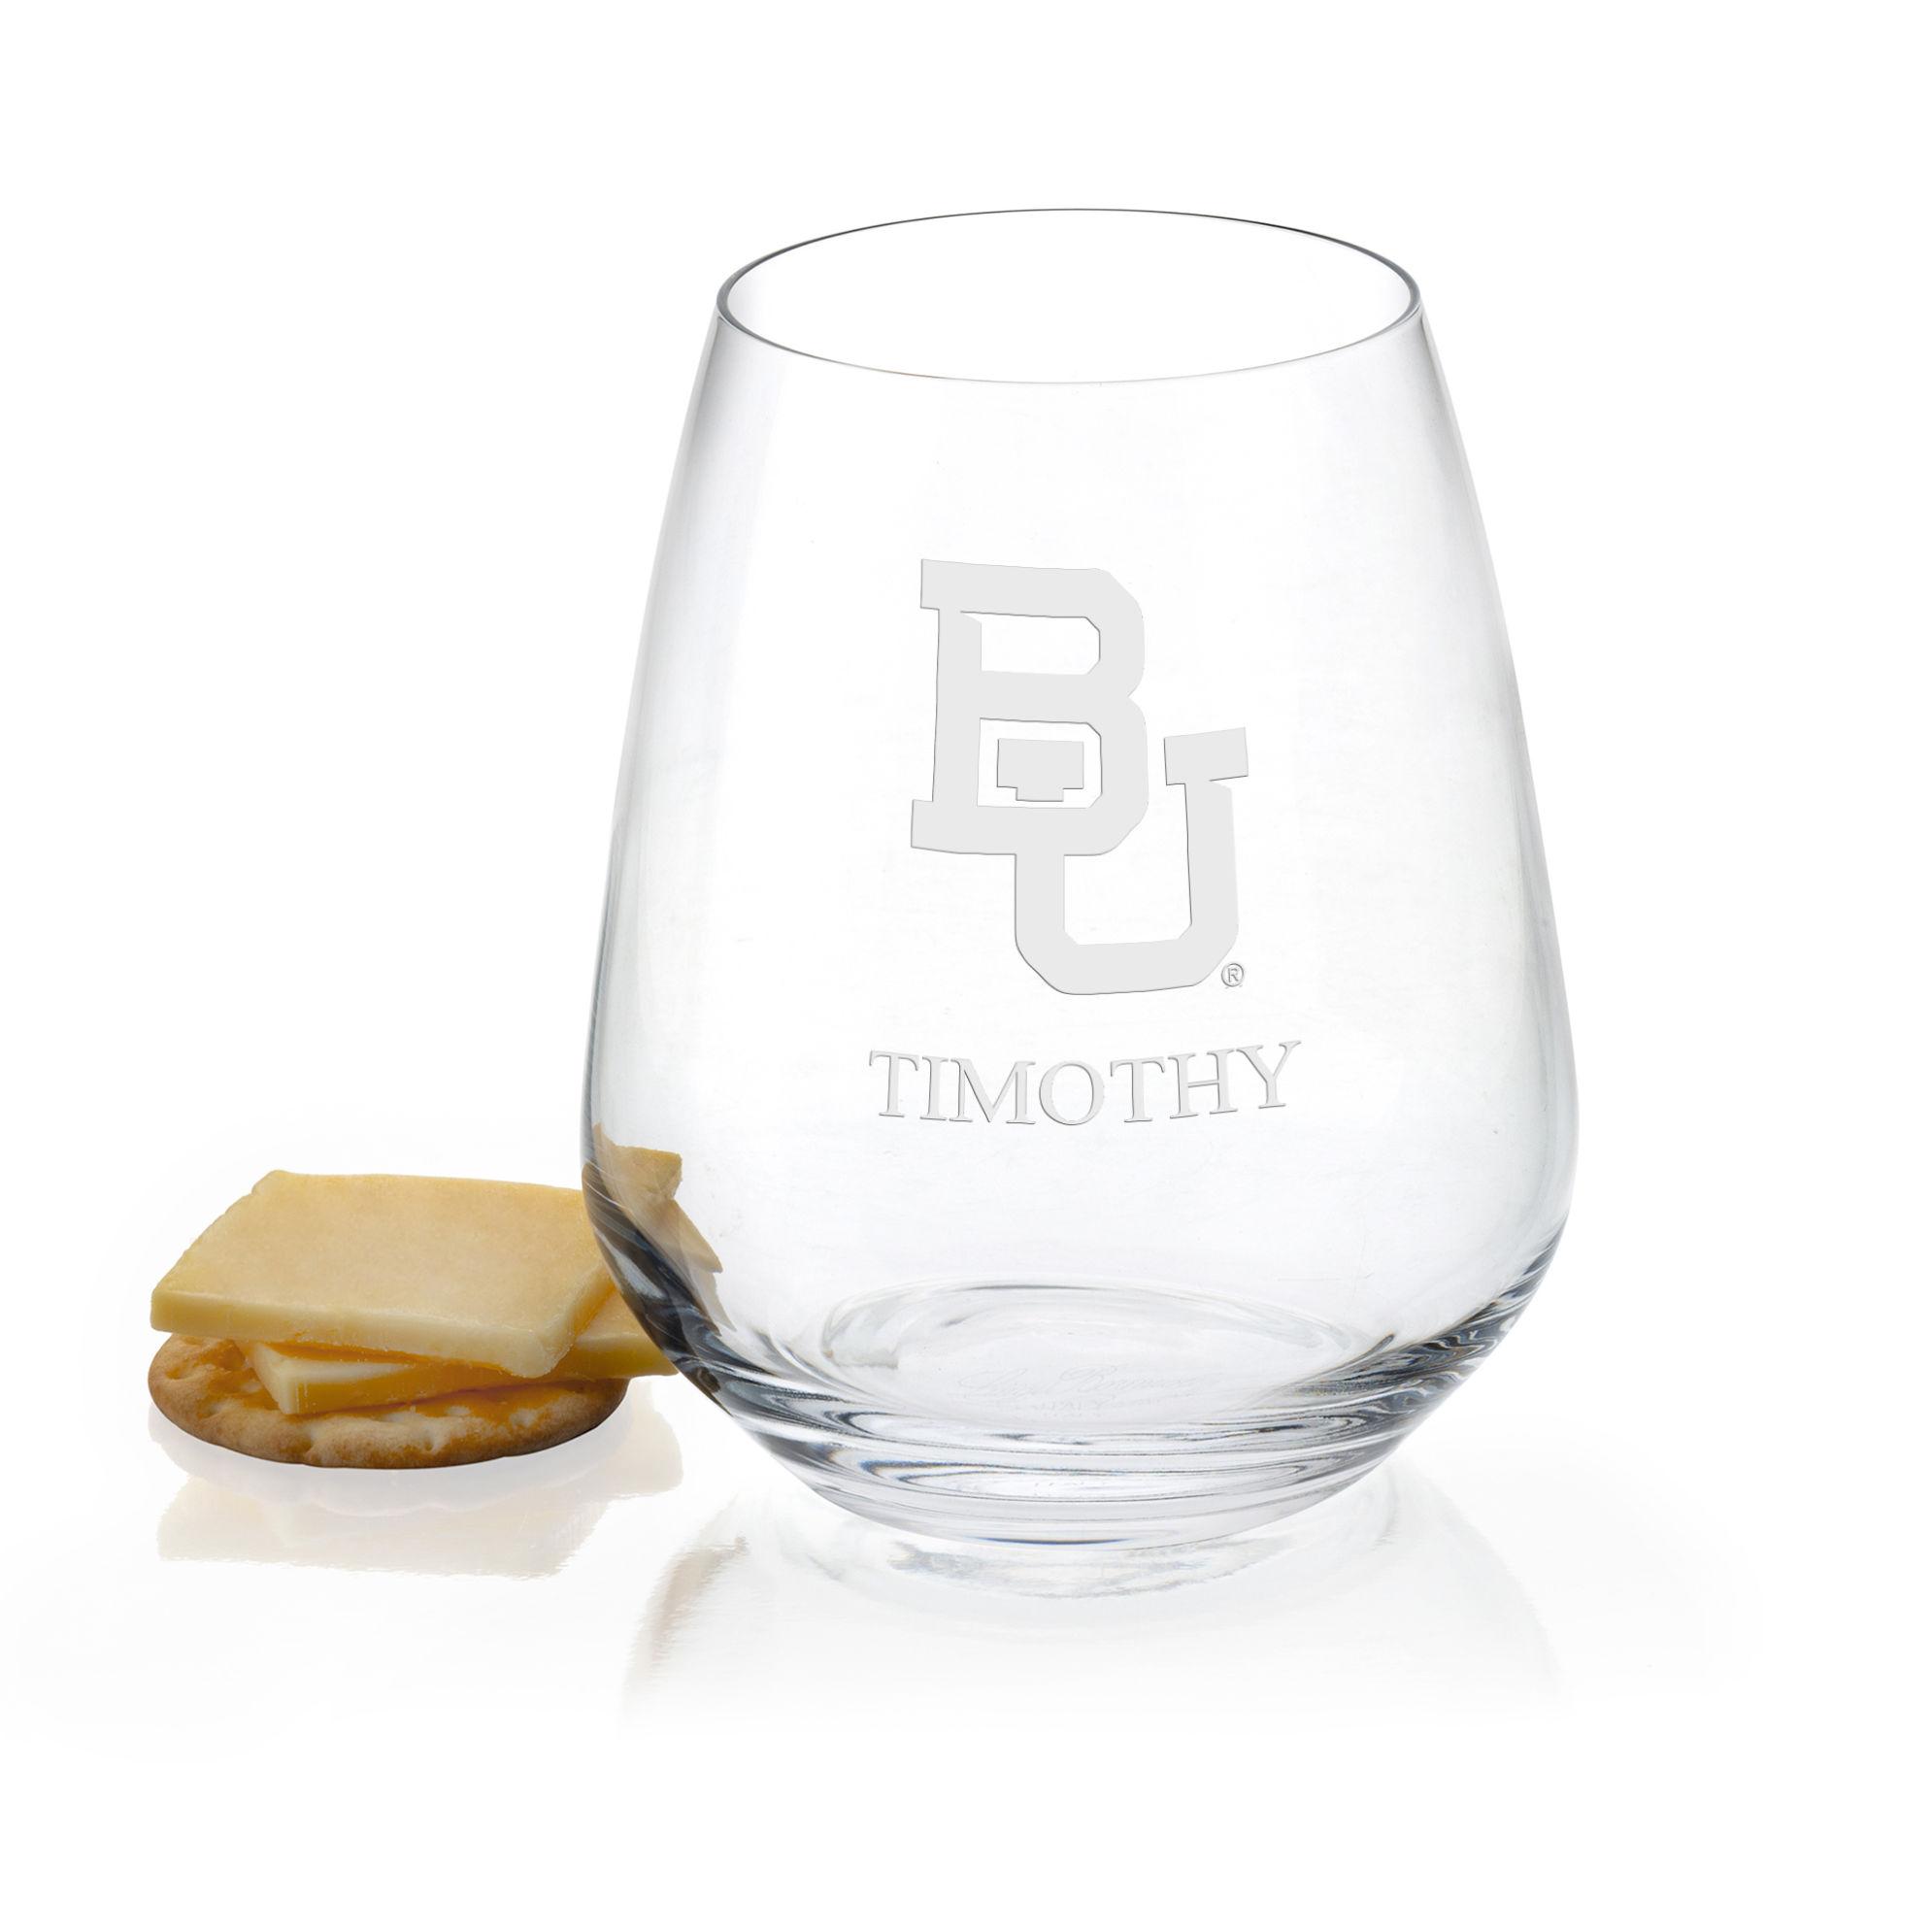 Baylor Stemless Glasses - Set of 4